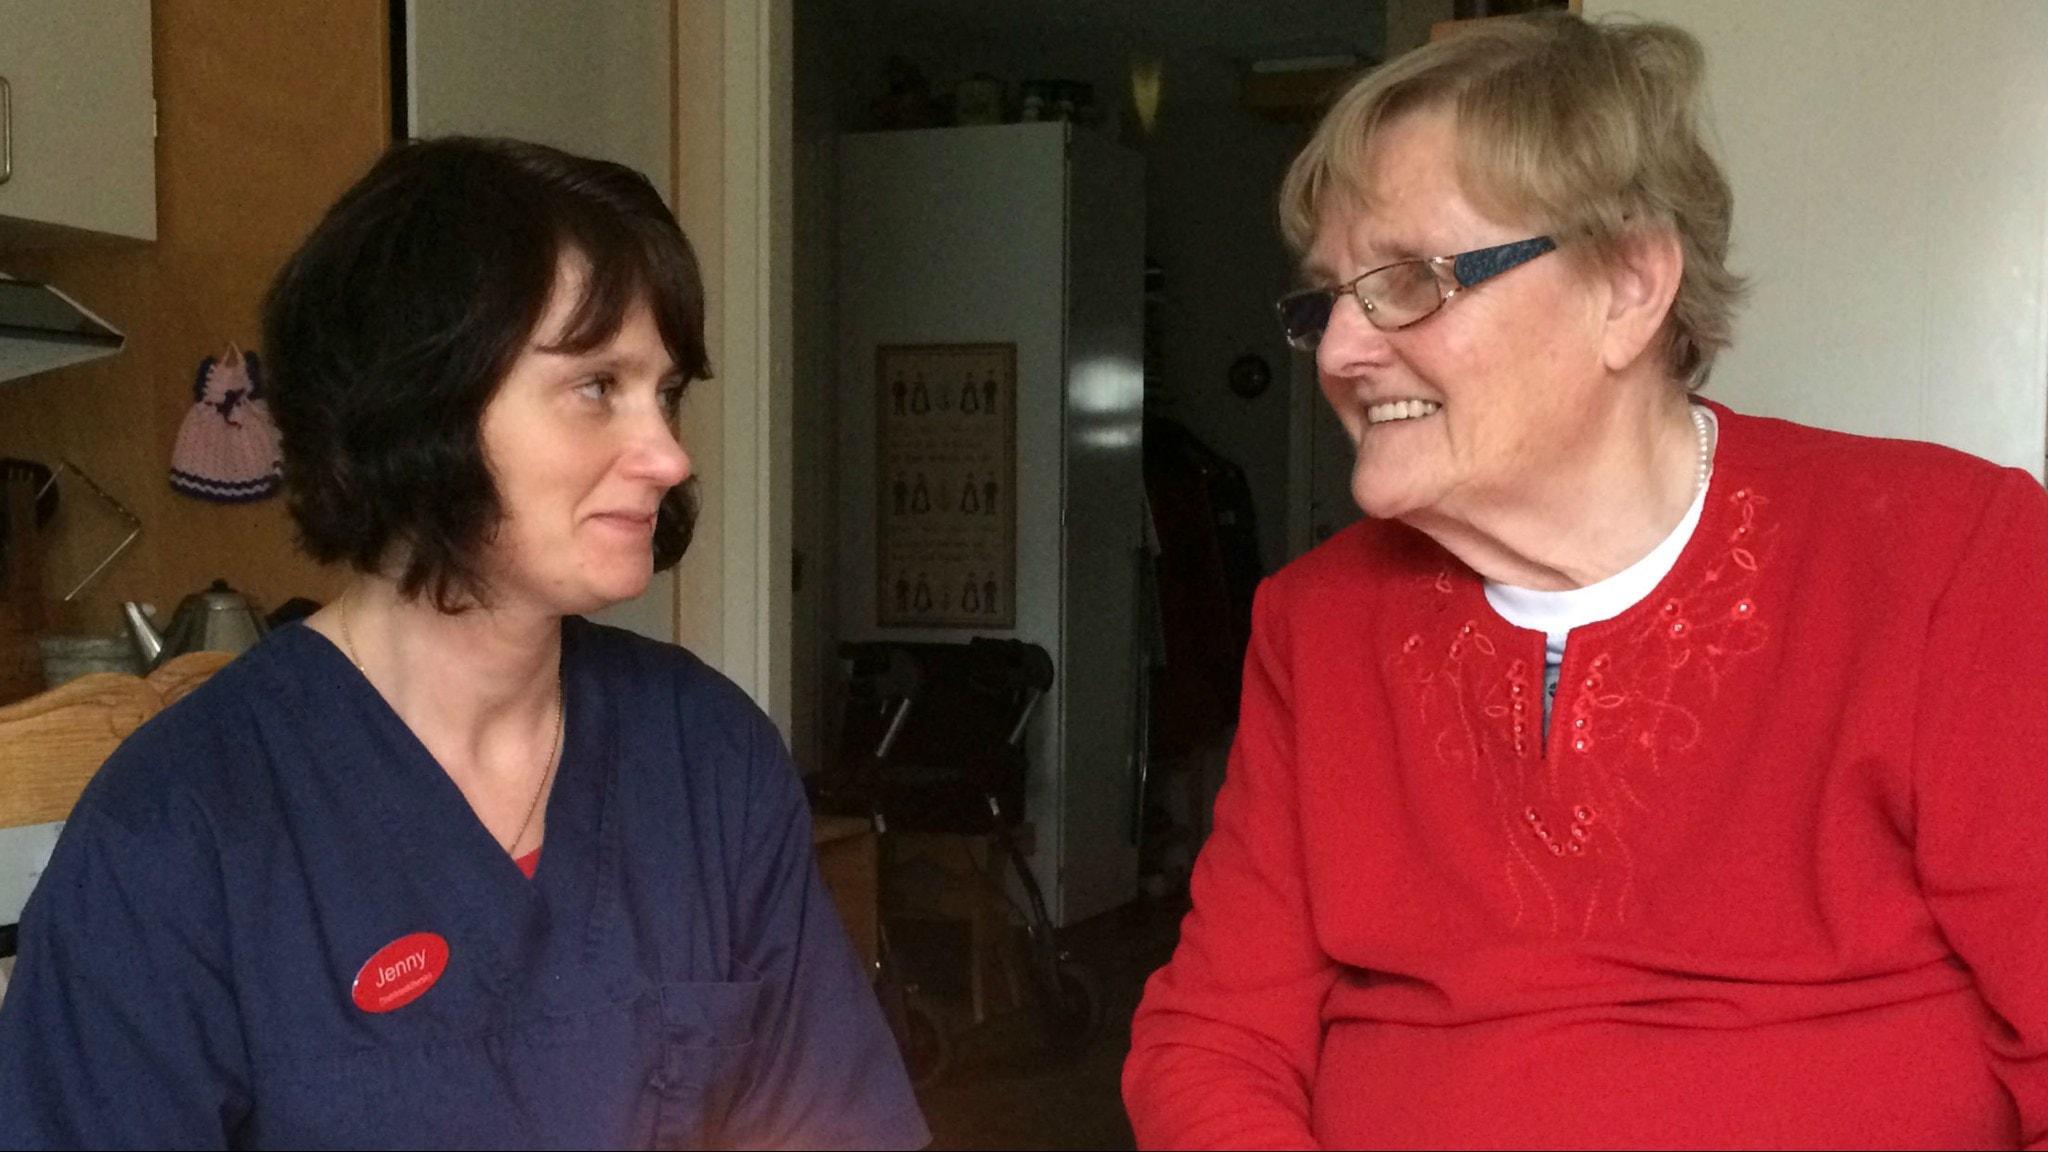 Distriktssköterskan Jenny Gustavsson och 74-åriga Greta har haft många reflekterande kraftgivande samtal. Foto: Ylva Carlqvist Warnborg